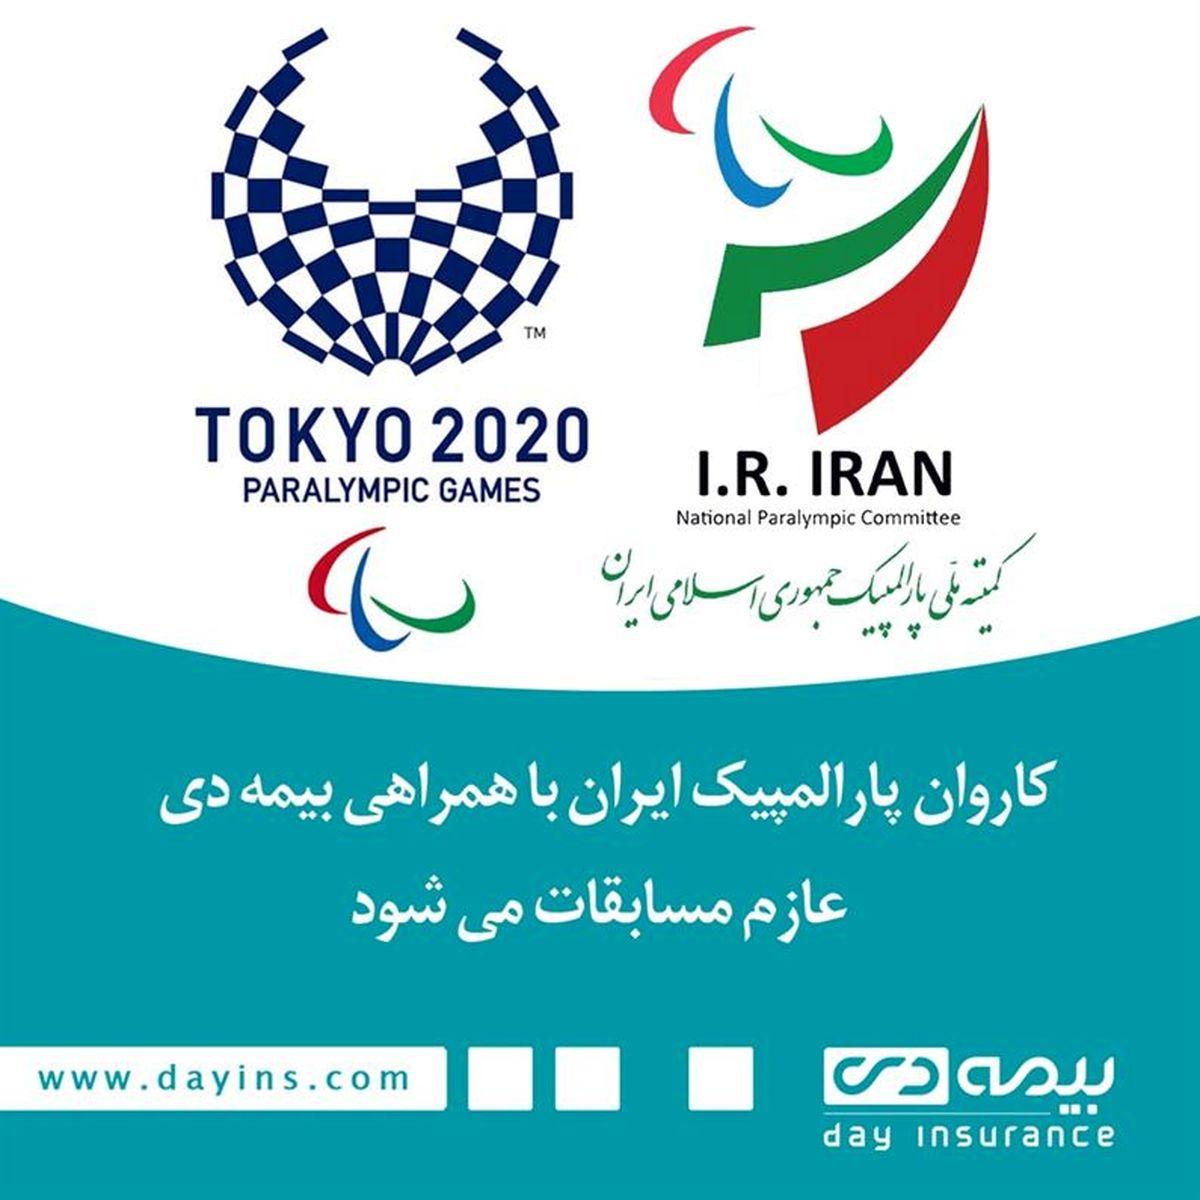 کاروان پارالمپیک ایران با همراهی بیمه دی عازم مسابقات می شود